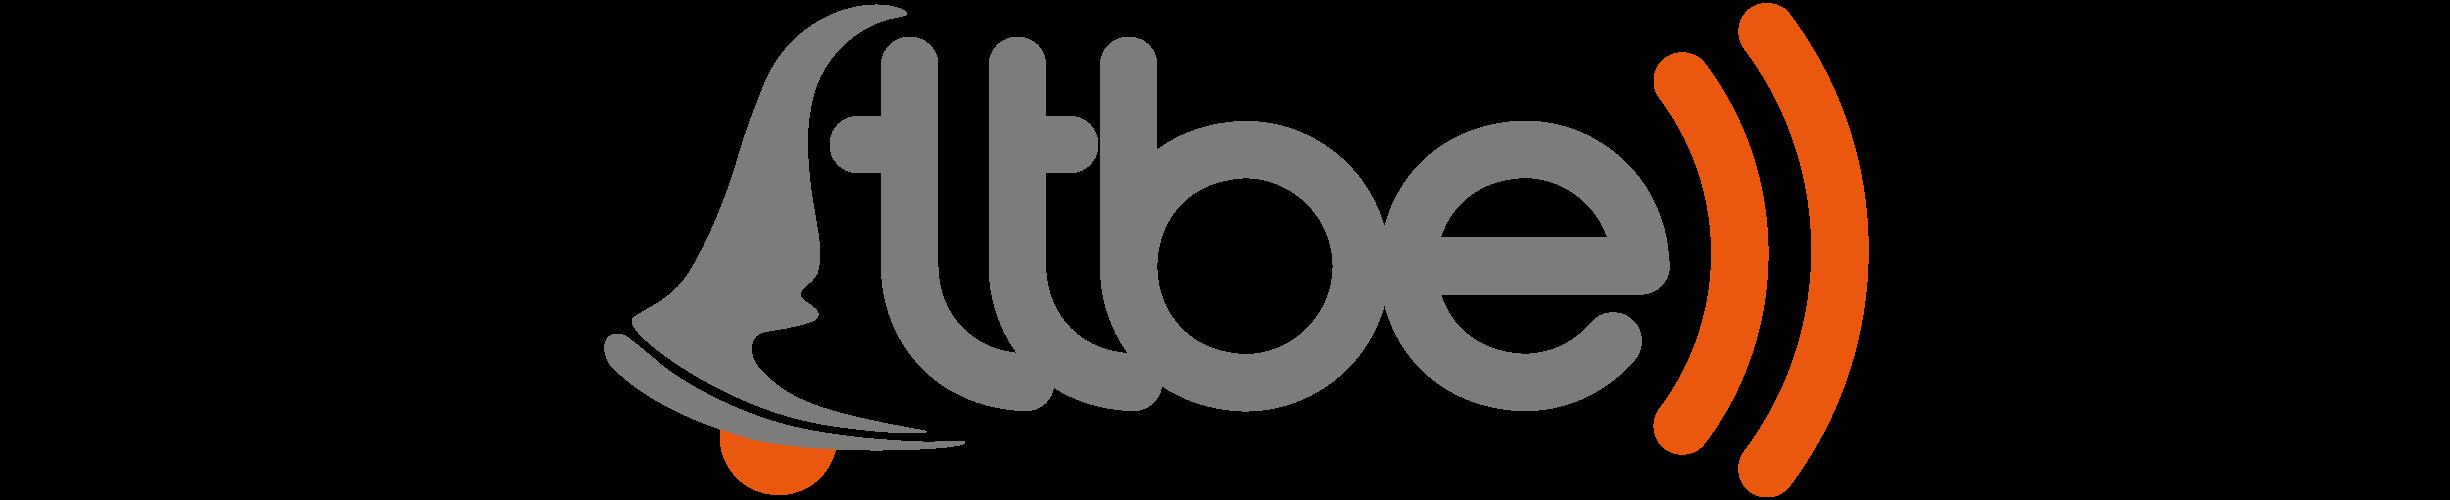 ttbell-logo